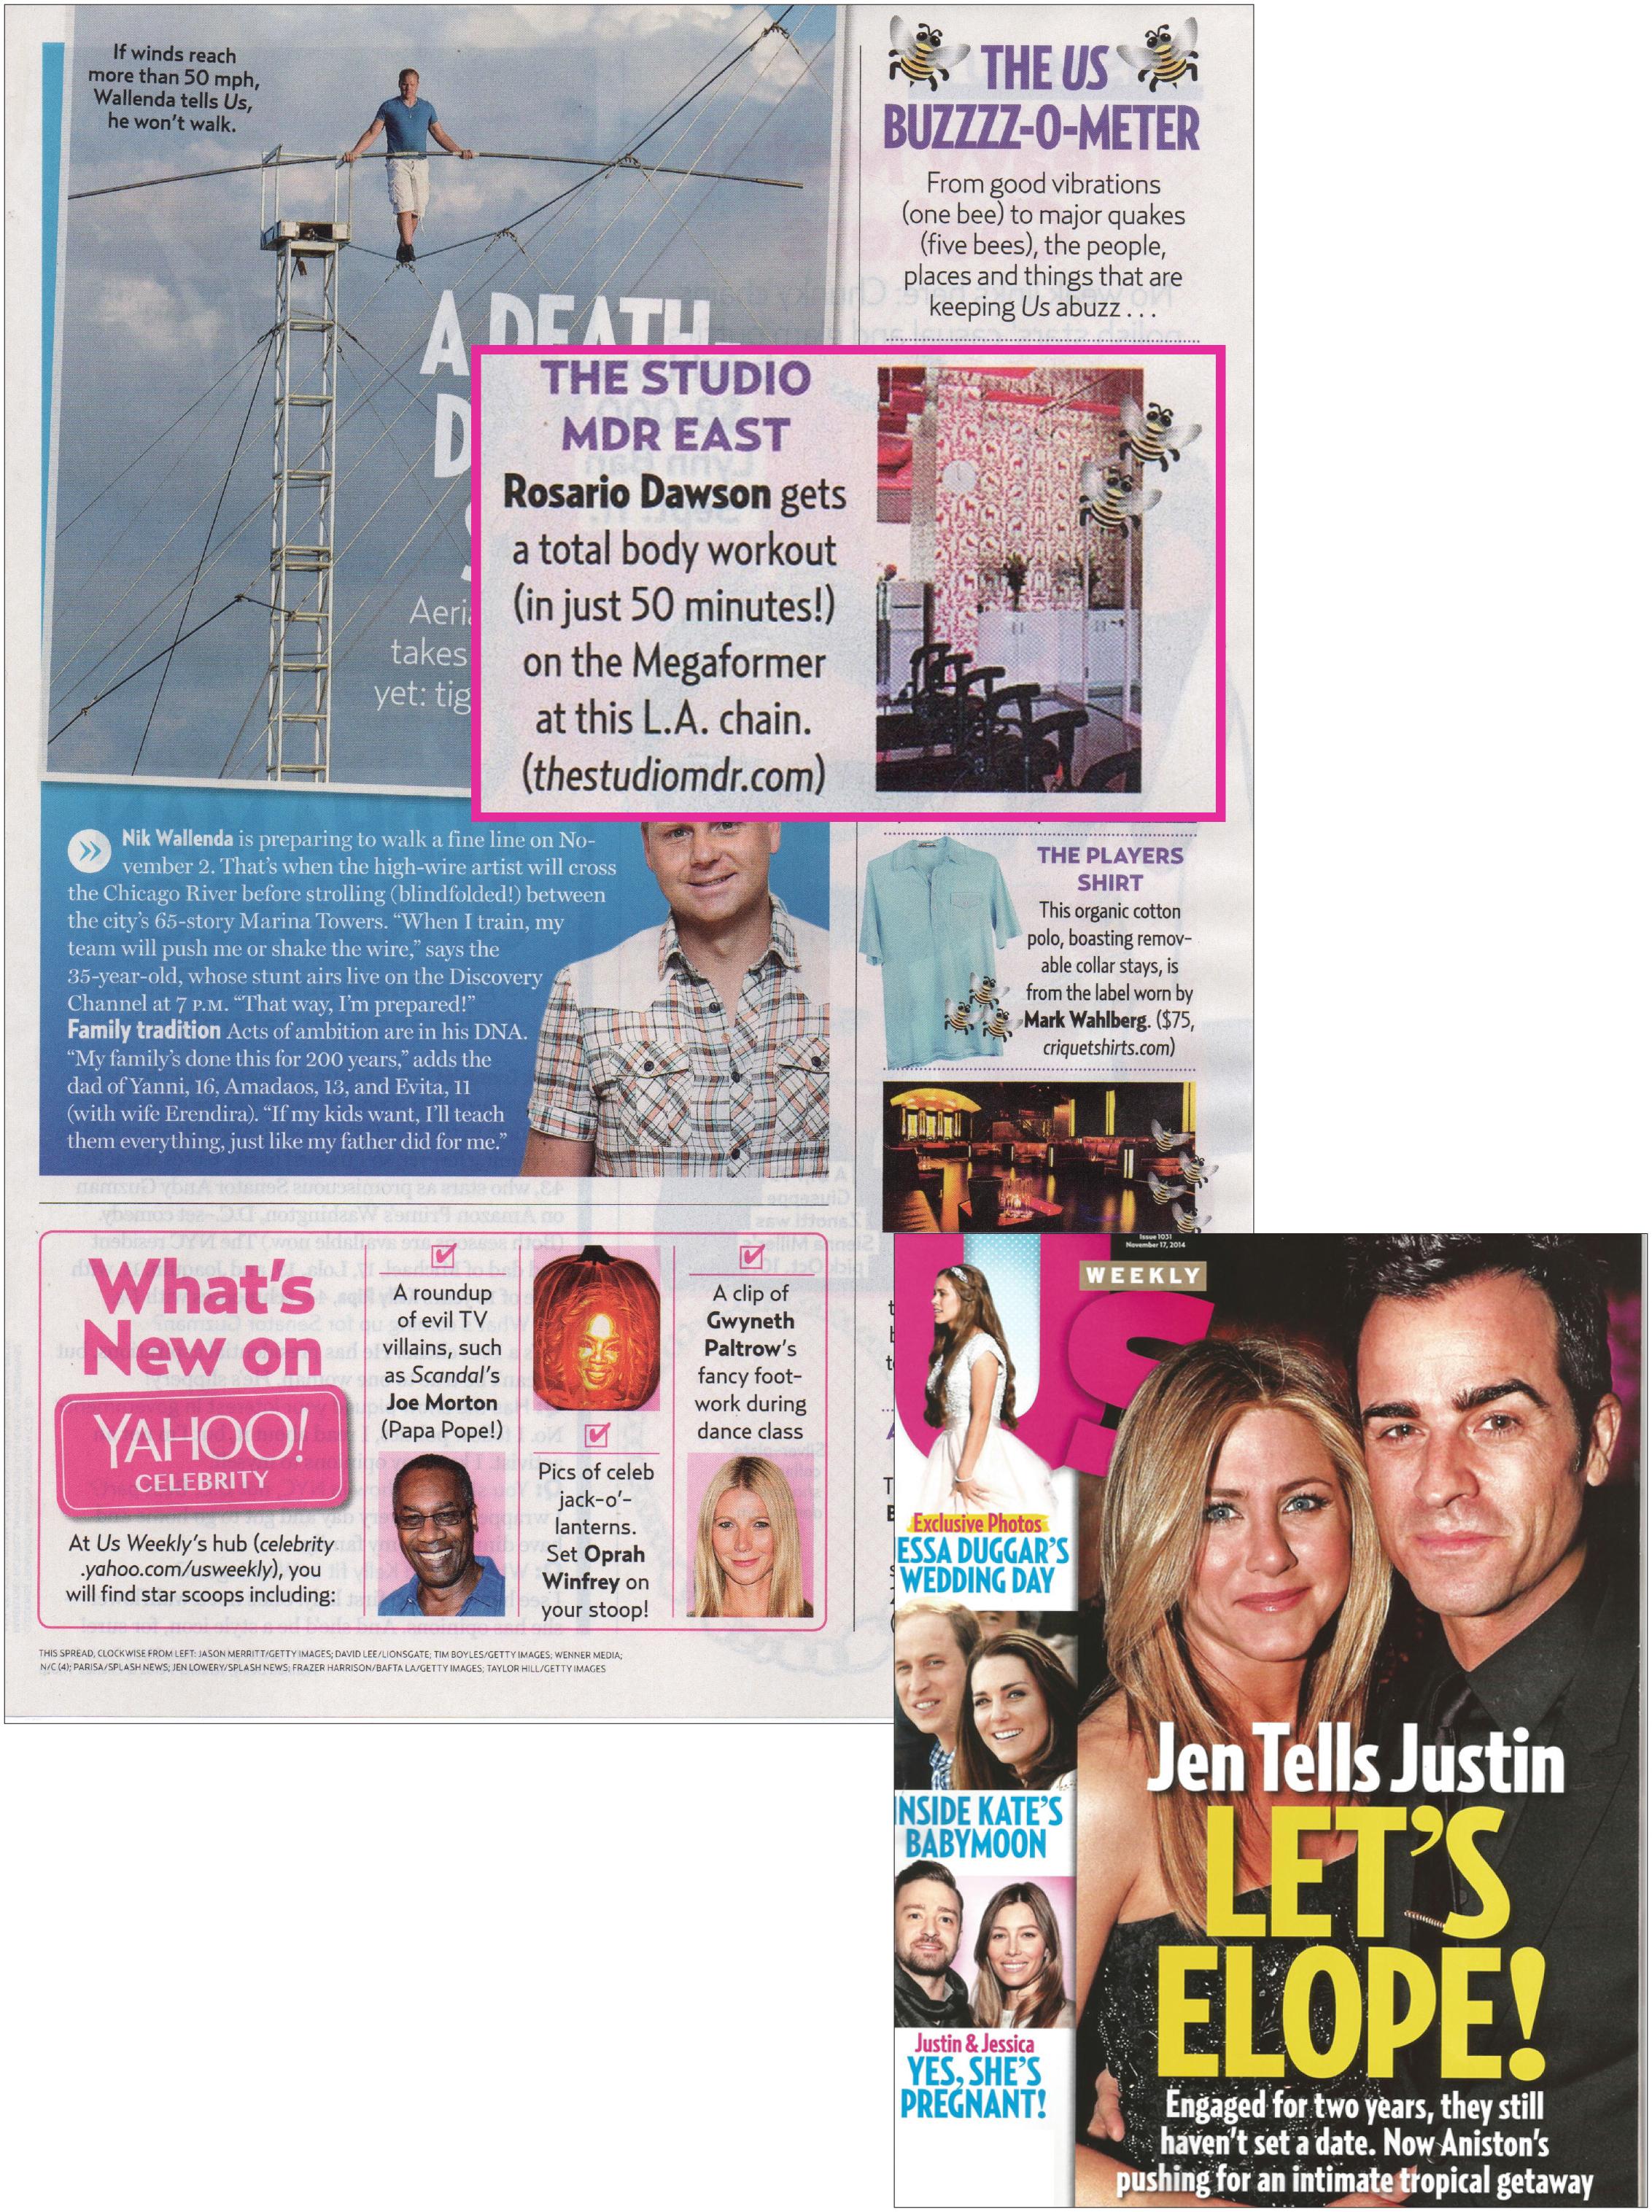 US Weekly article, Nov 14